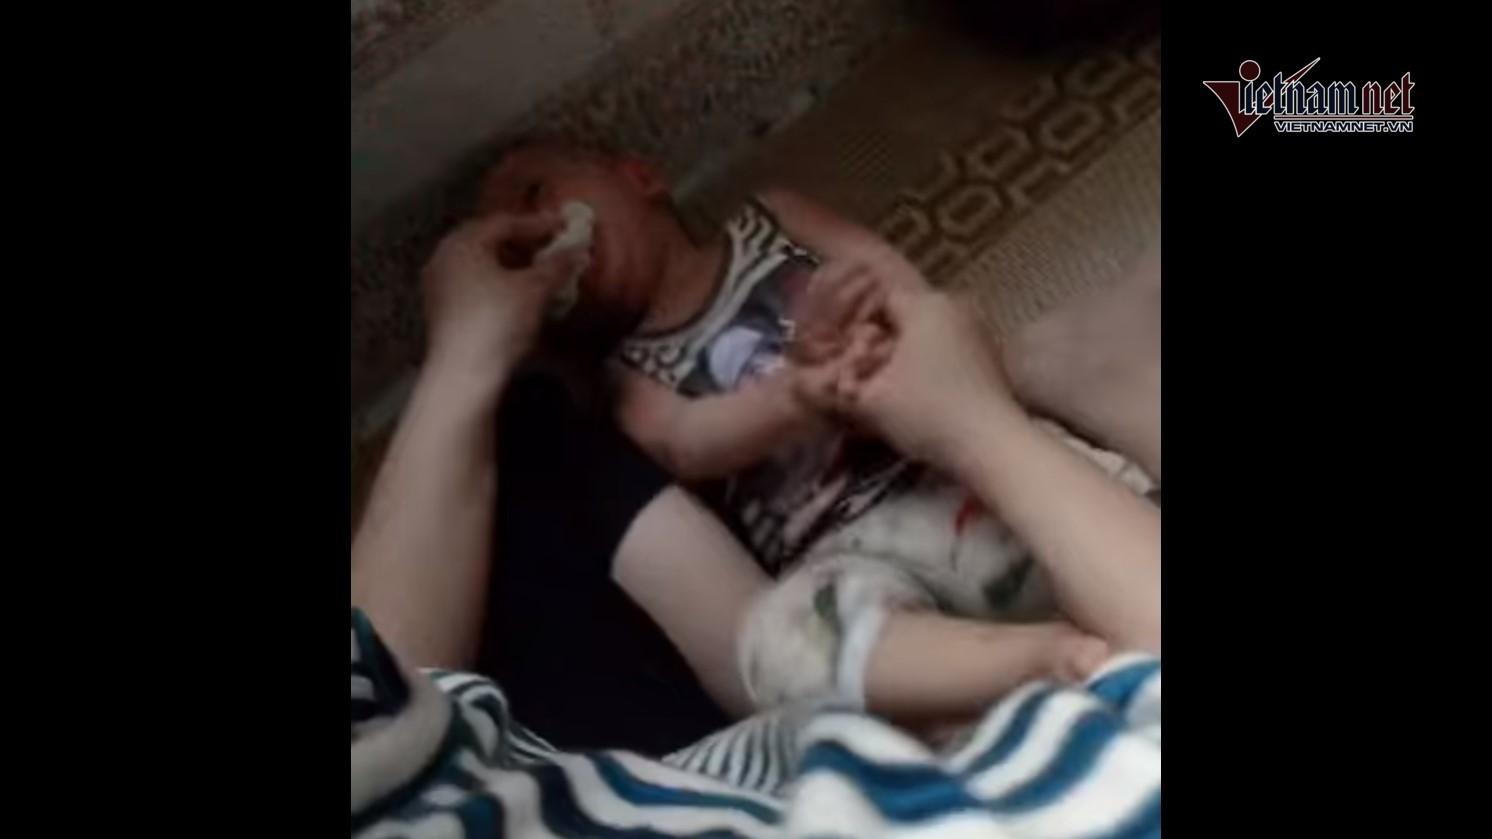 Bố cháu bé bị nhét giẻ vào miệng ở Thái Bình 'lặng người' khi xem clip